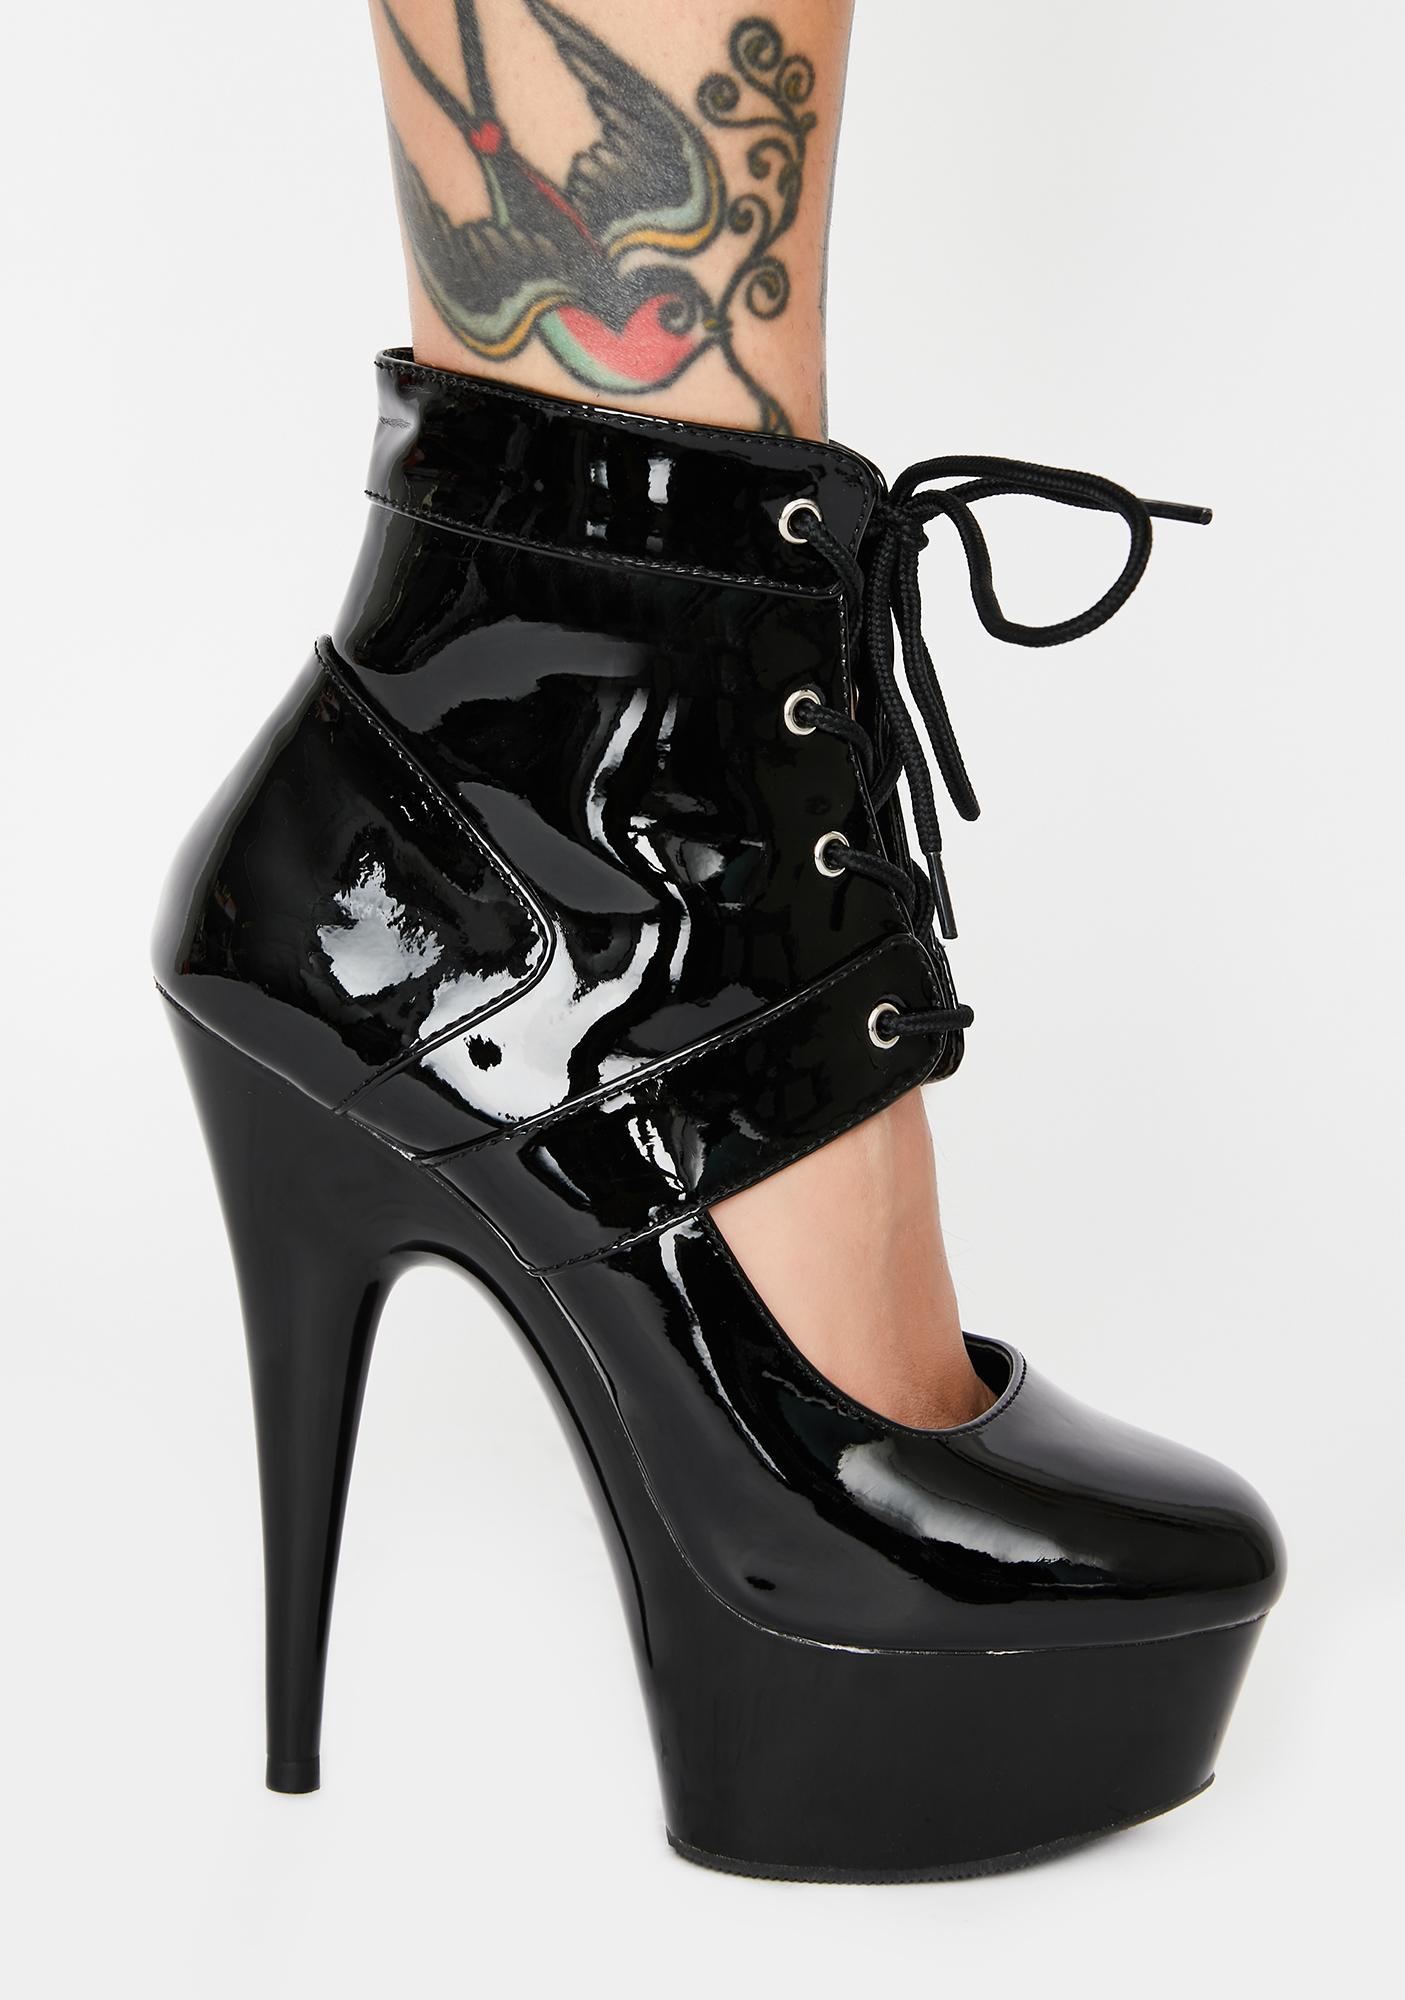 Pleaser Beggin' For More Platform Heels